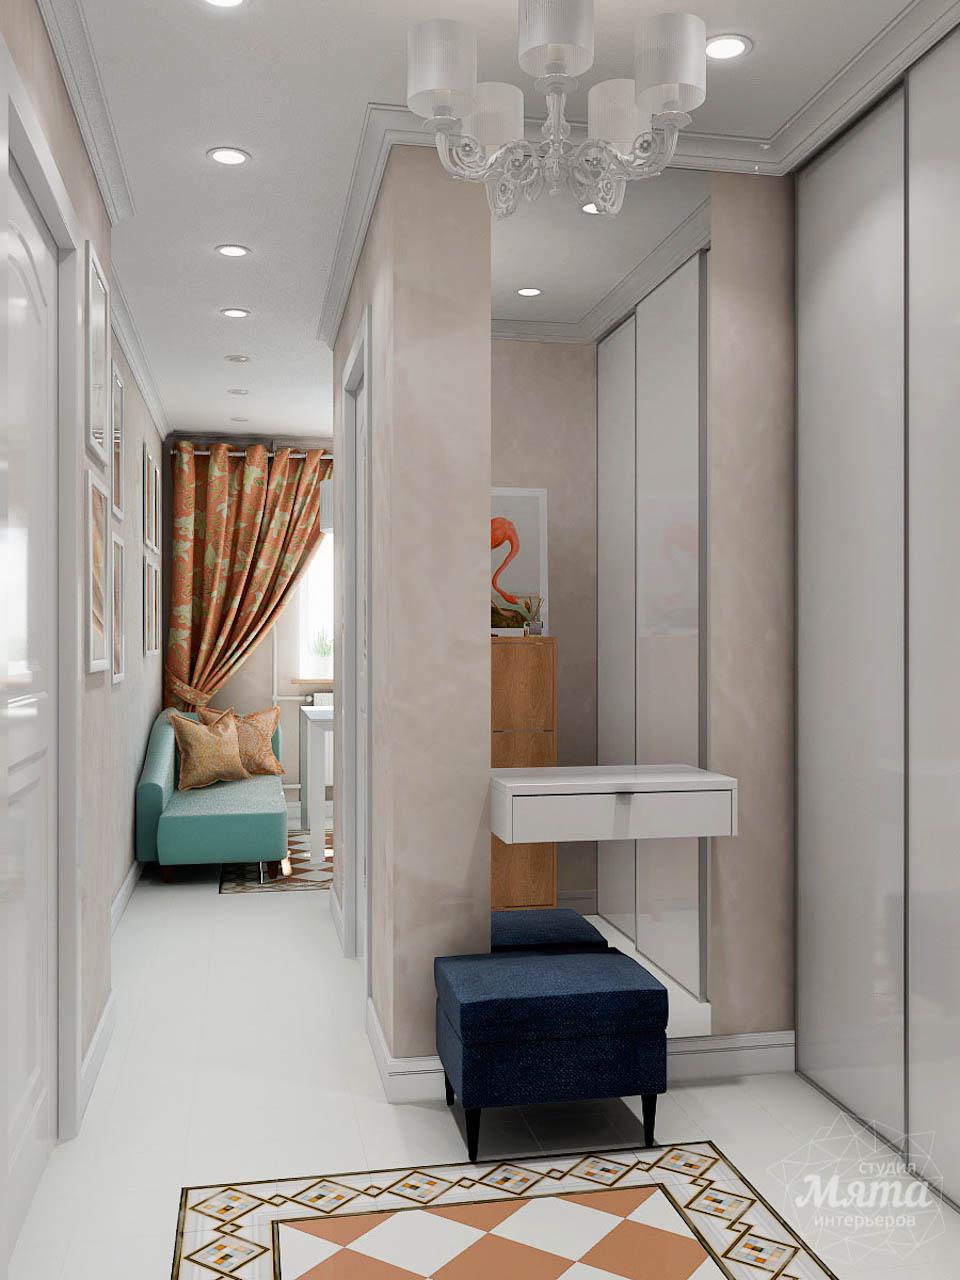 Дизайн интерьера однокомнатной квартиры по ул. Мичурина 231 img848348305